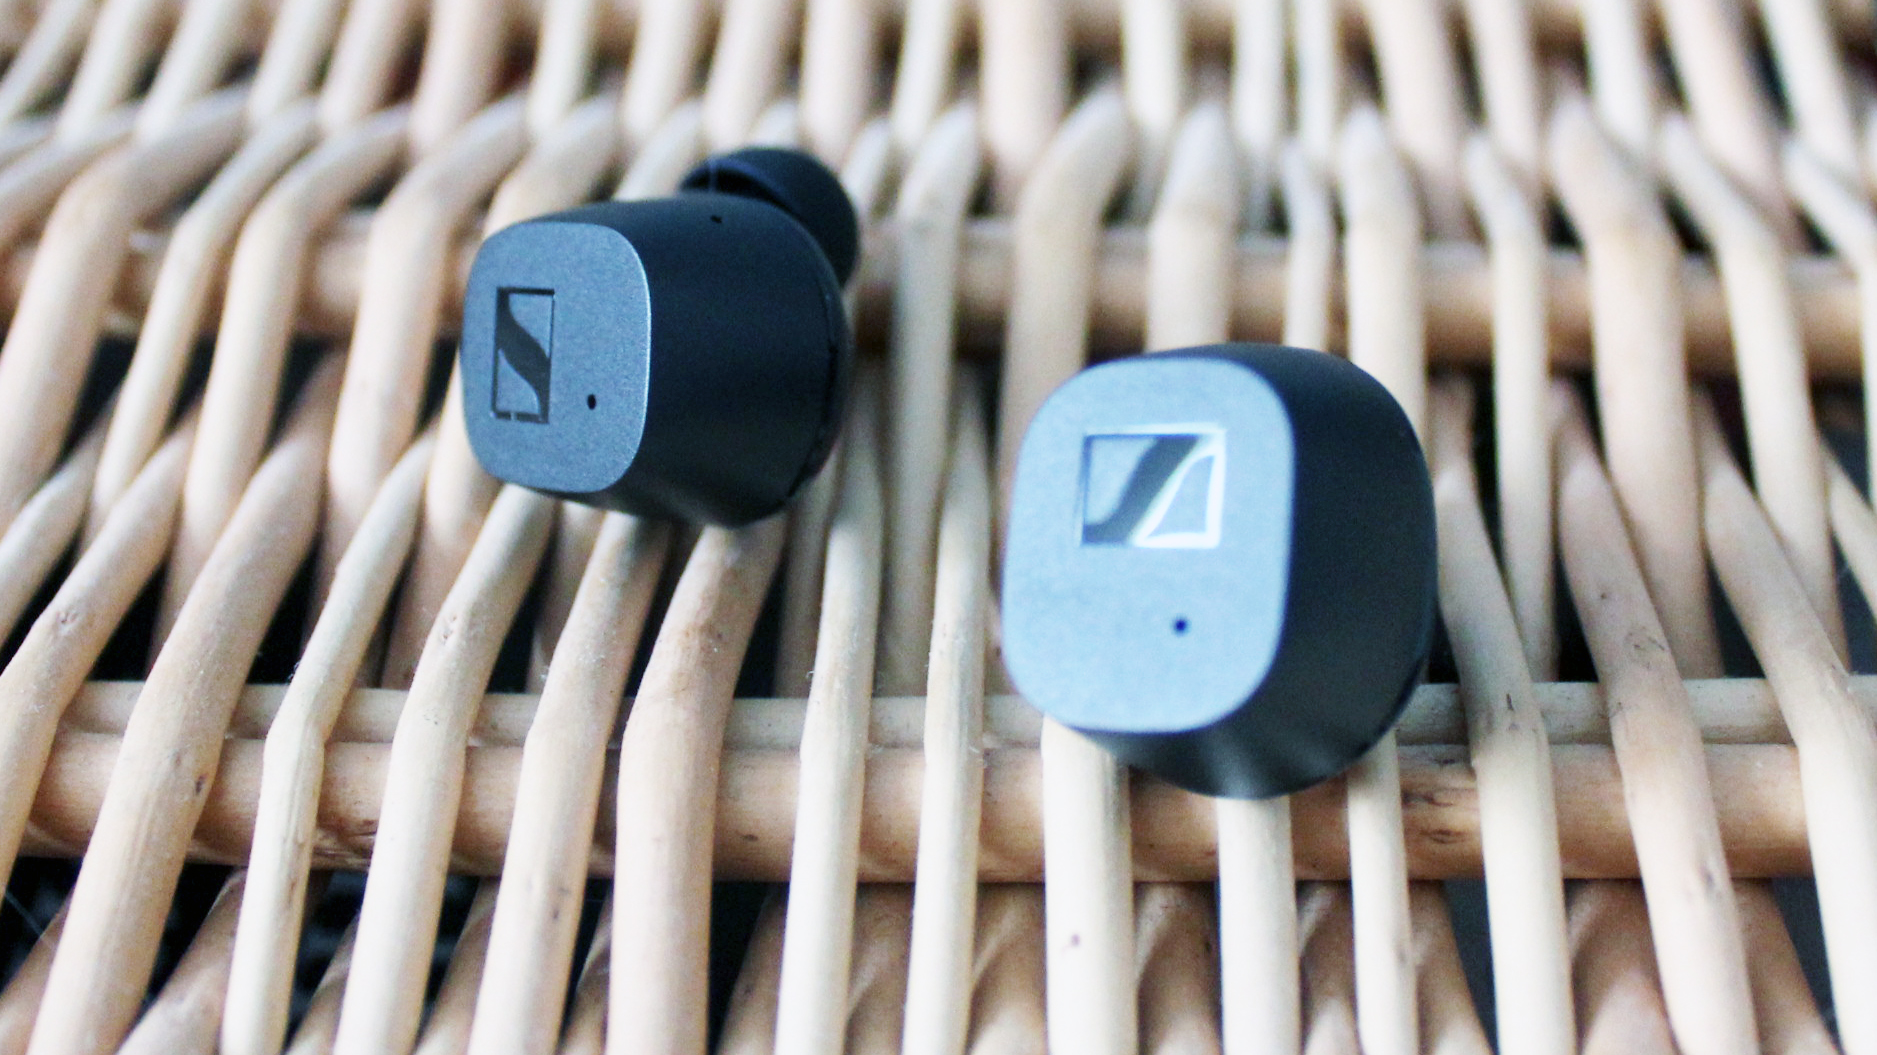 sennheiser cx true wireless earbuds on a wicker background